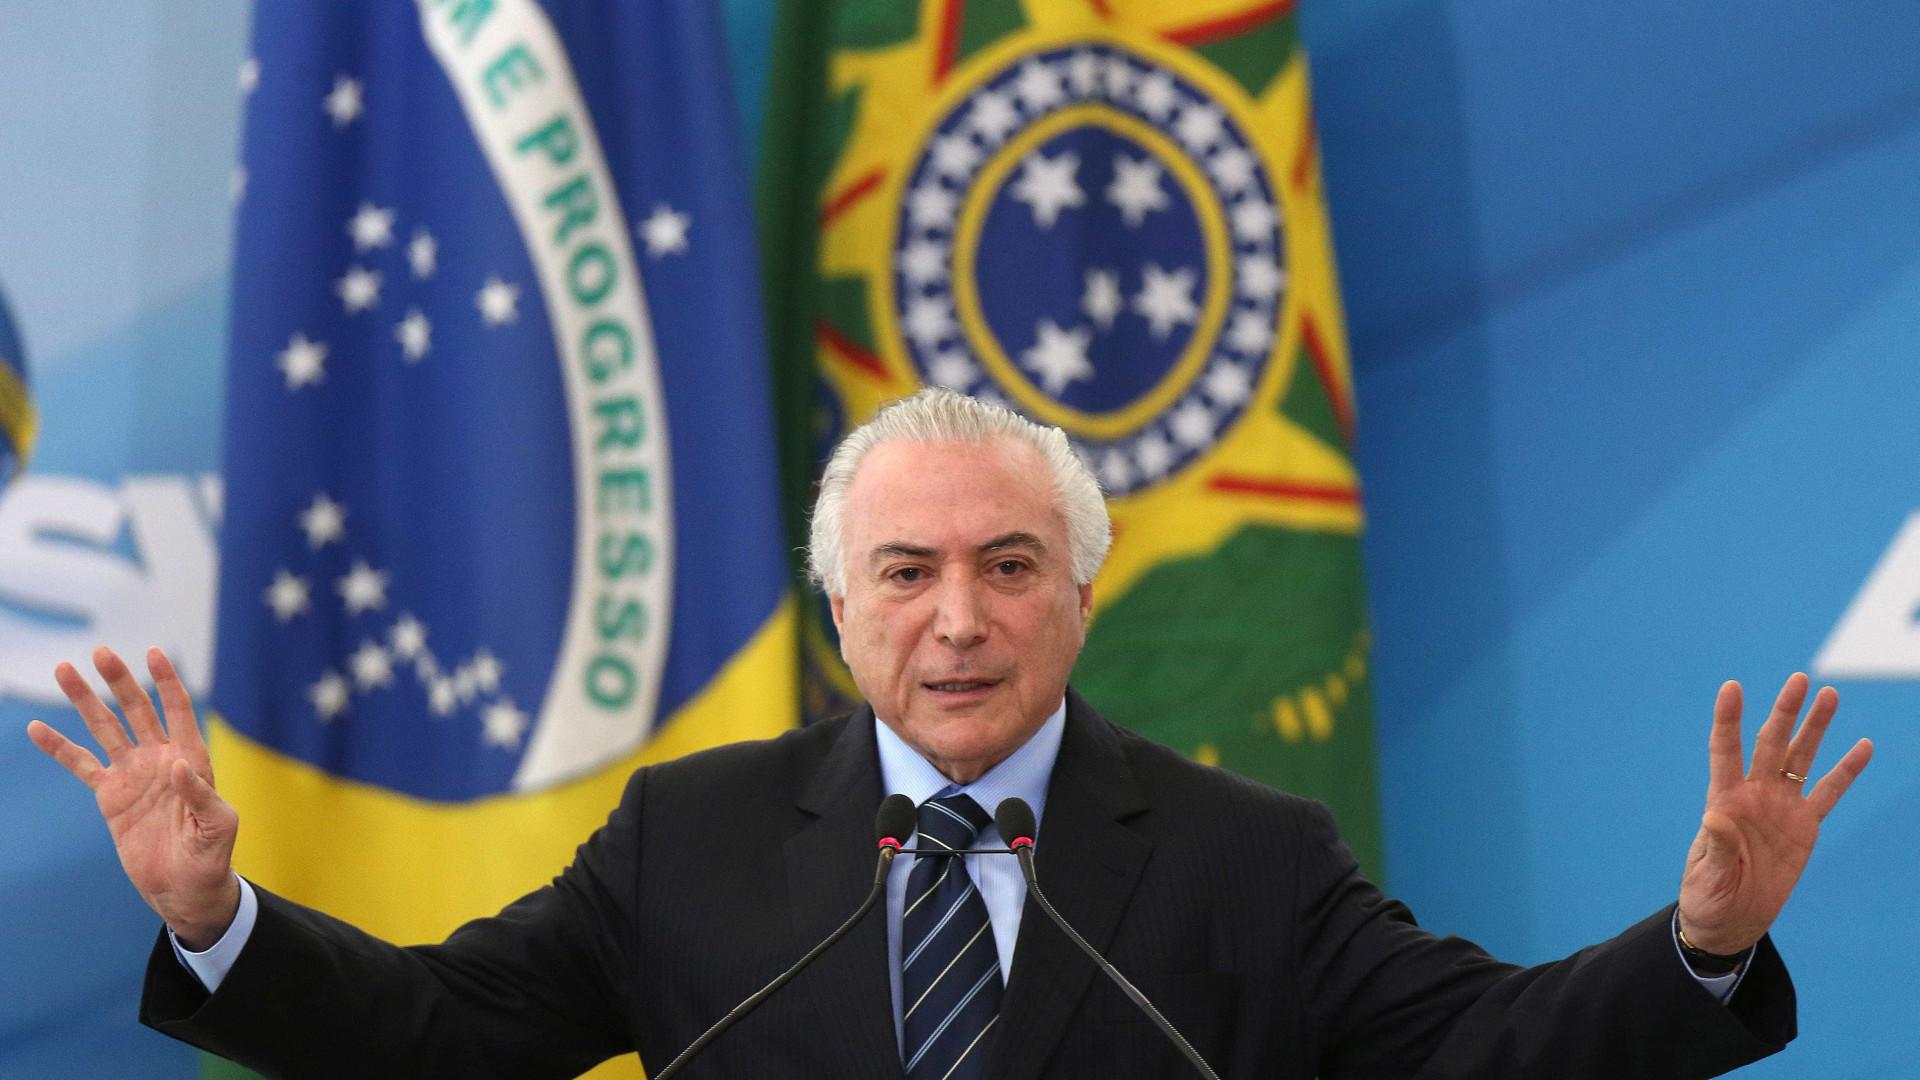 Para aprovar reformas, Planalto dará cargos a 'centrão'